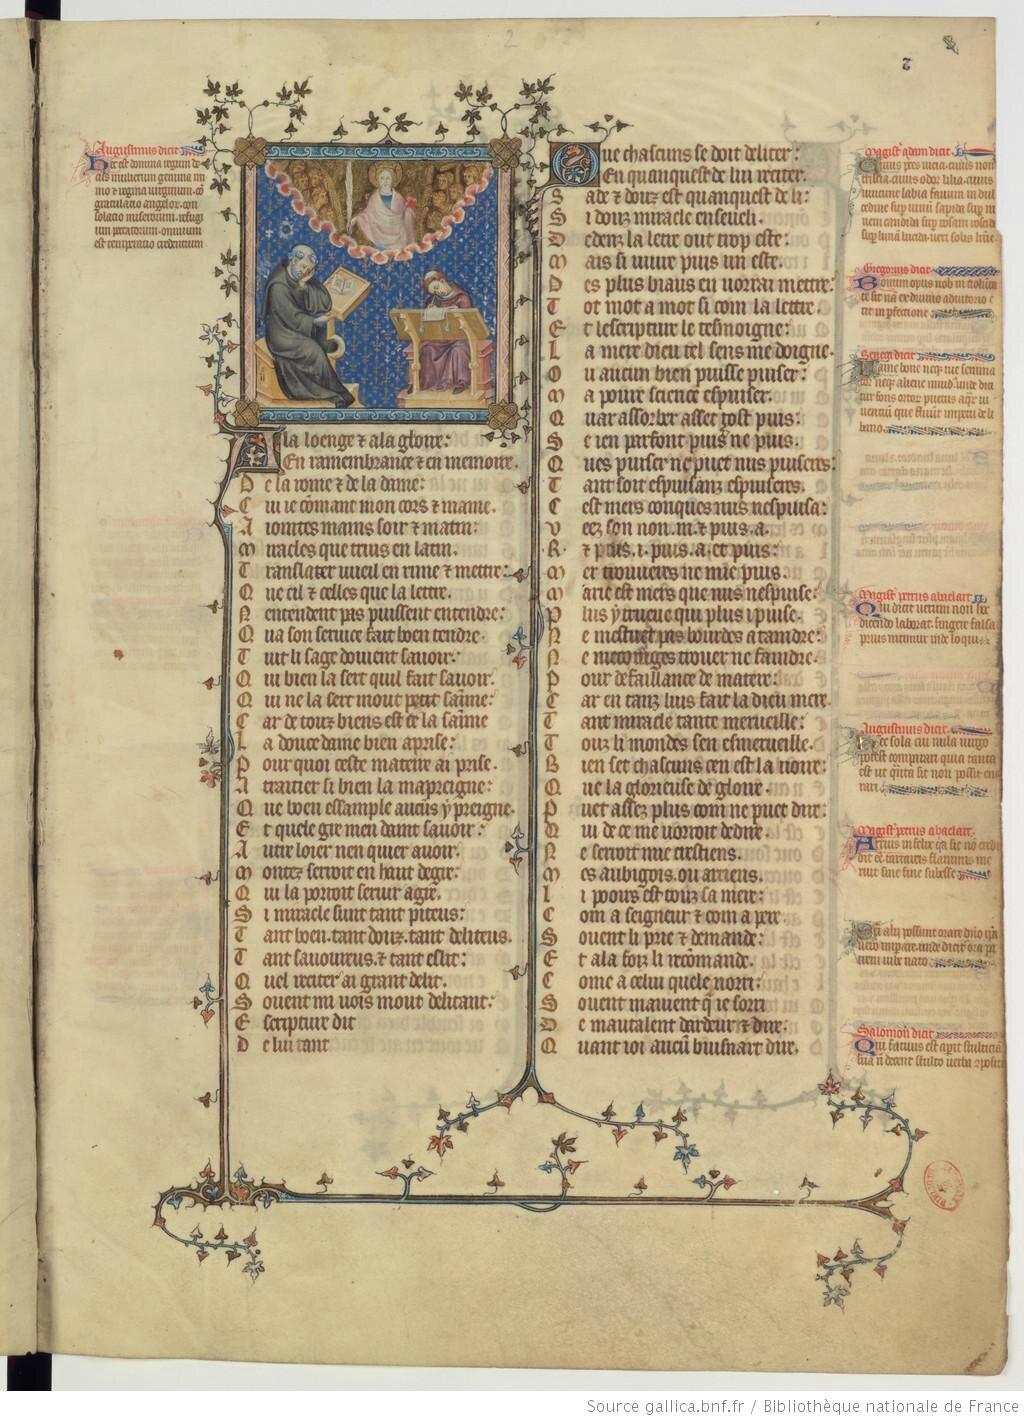 Gautier de Coinci manuscrit 1